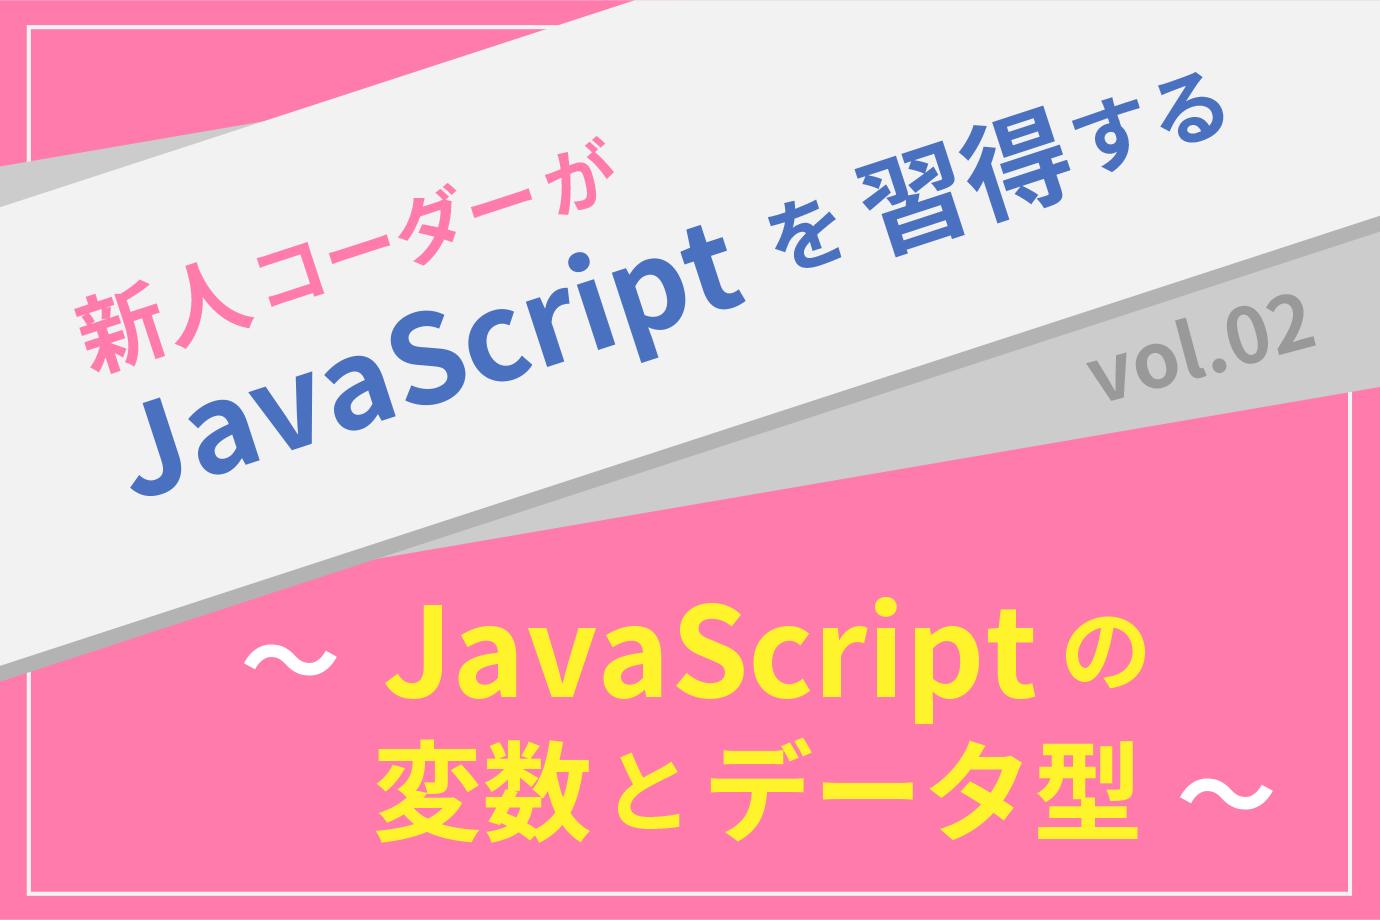 【新人コーダーがJavaScriptを習得する】vol.02 〜JavaScriptの変数とデータ型〜